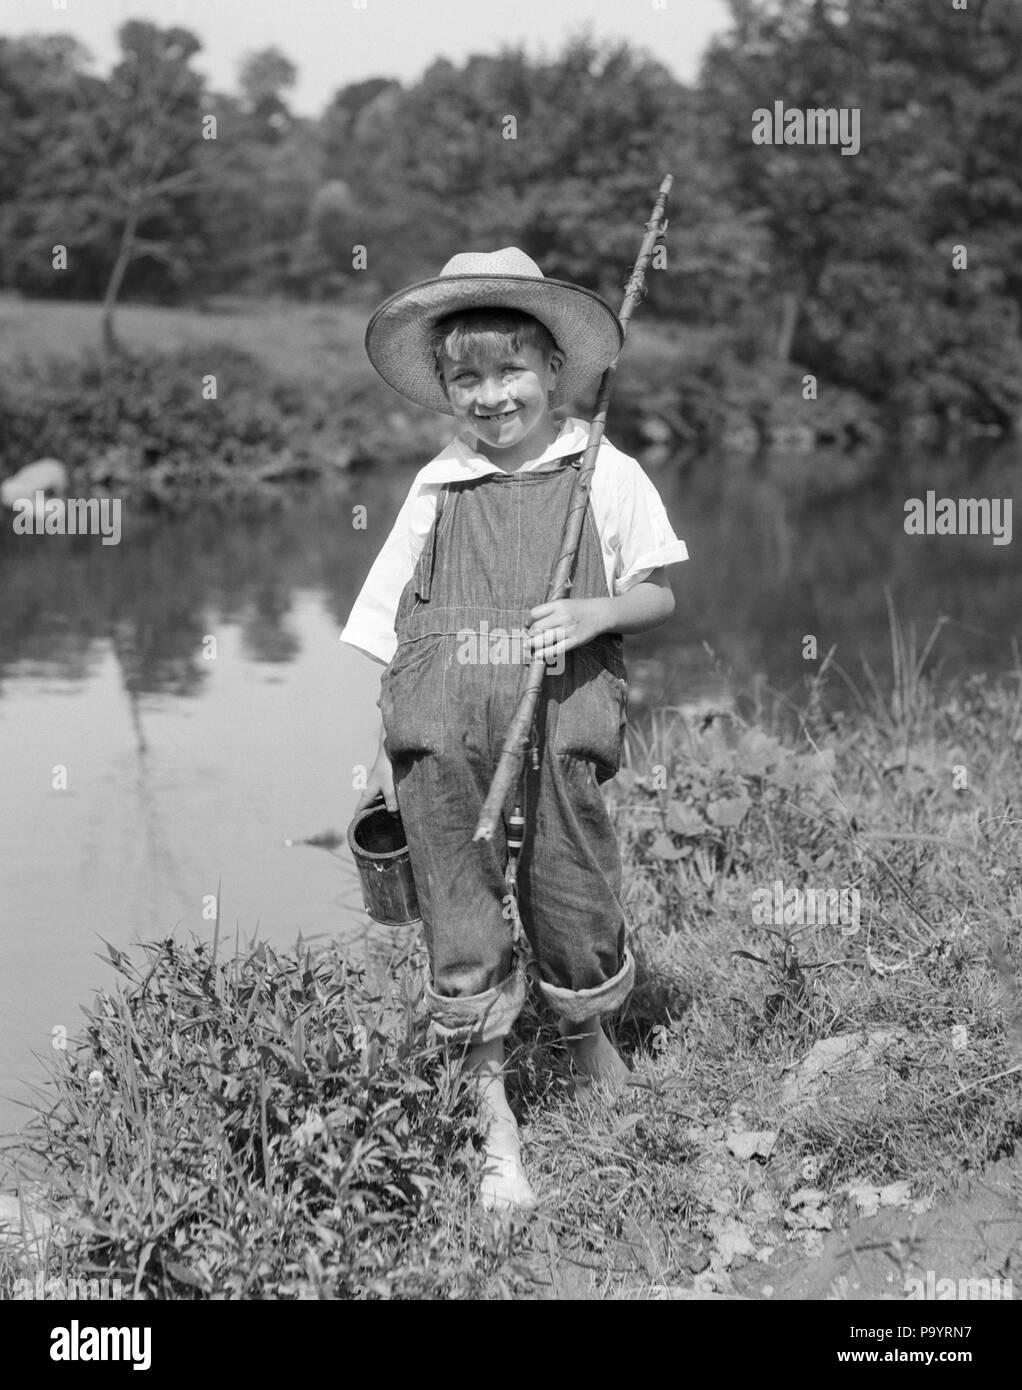 1920er Jahre 1930er Jahre barfüßigen Jungen mit STICK ANGELRUTE KANN DER KÖDER WÜRMER TRAGEN STROHHUT BIB OVERALLS in die Kamera lächeln - Eine 4795 HAR 001 HARS KOPIE RAUM VOLLER LÄNGE OVERALLS STREAM MÄNNER STANGE DENIM B&W SOMMER AUGENKONTAKT FREIHEIT GLÜCK FRÖHLICHEN ABENTEUER FREIZEIT BARFUSS LÄCHELT nackte Füße HUCK FINN FREUDIGE BIB OVERALLS TOM SAWYER Huckleberry Finn Jugendliche vor - jugendlich vor - jugendlich Junge WÜRMER KÖDER SCHWARZ UND WEISS KAUKASISCHEN ETHNIE HAR 001 ALTMODISCH Stockfoto